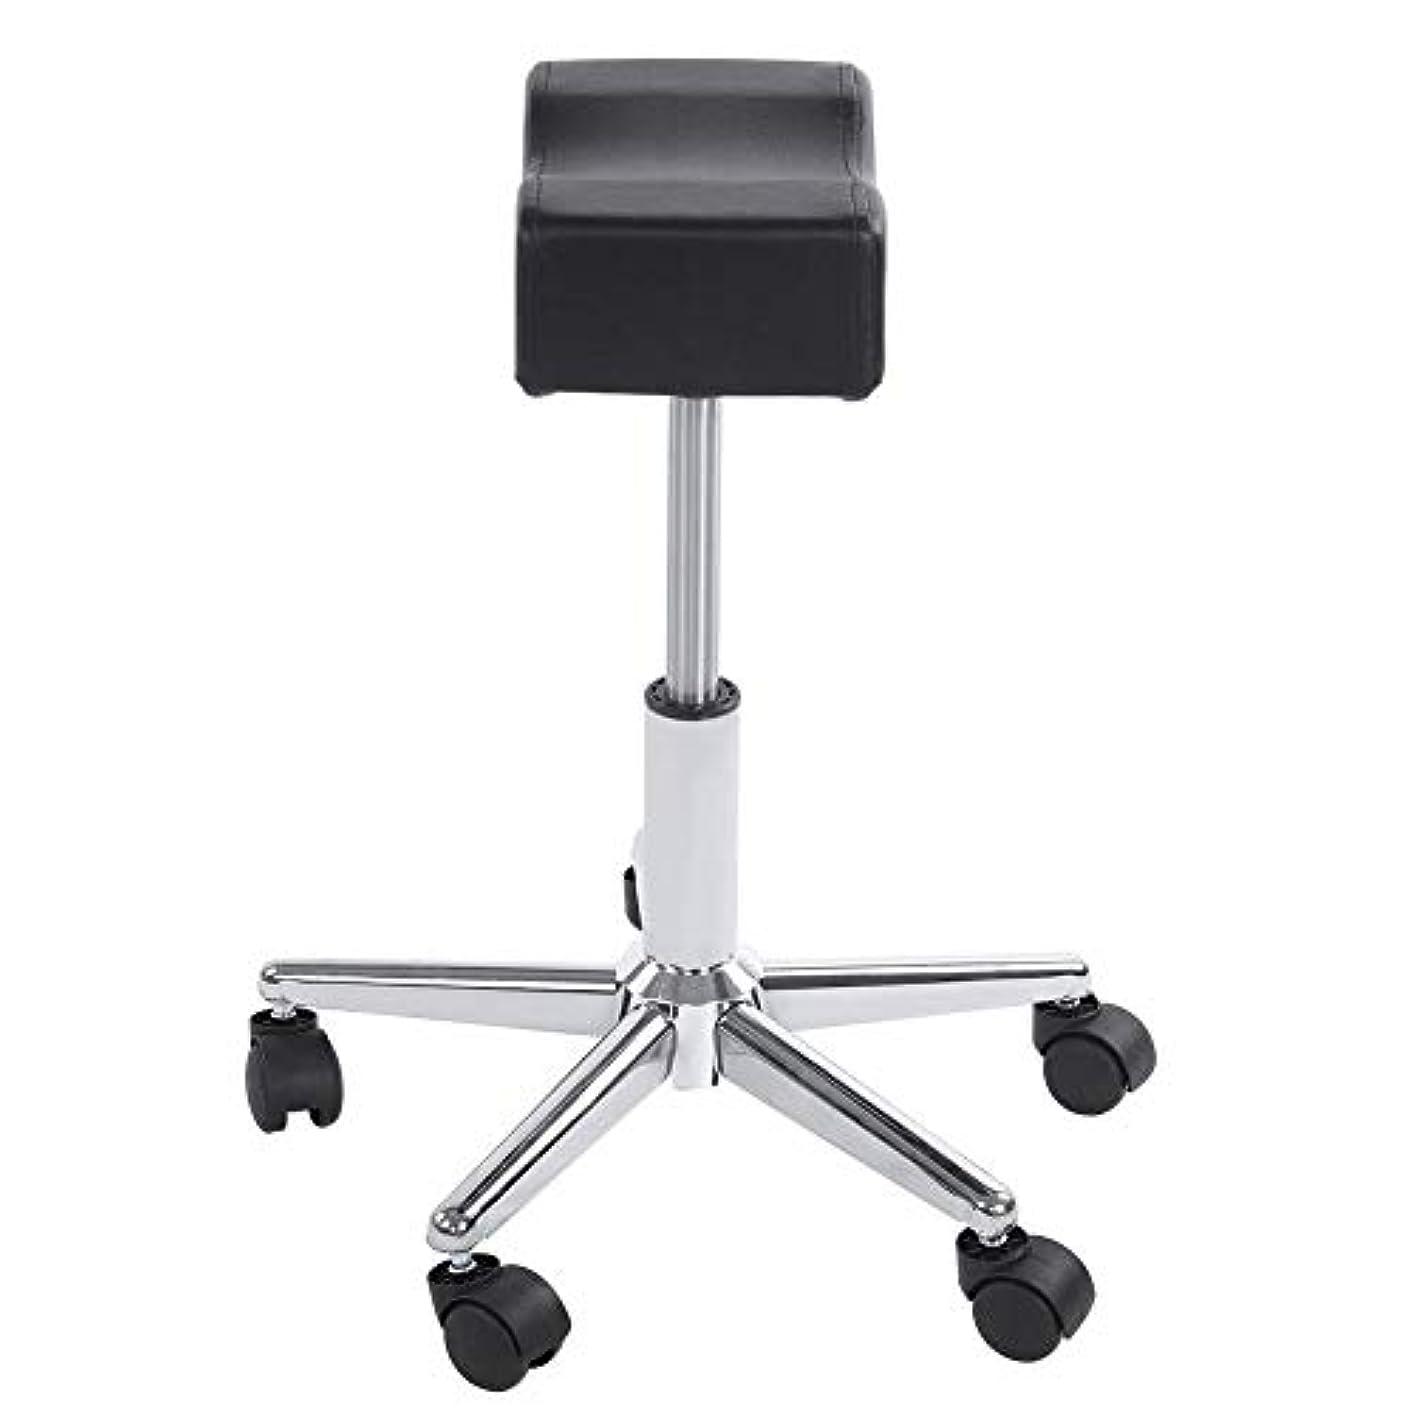 誤カプラーファイナンス調節可能な椅子、高さ調節可能なローリングチェアホーム用可動ホイール付きの快適なシートクッションスツール